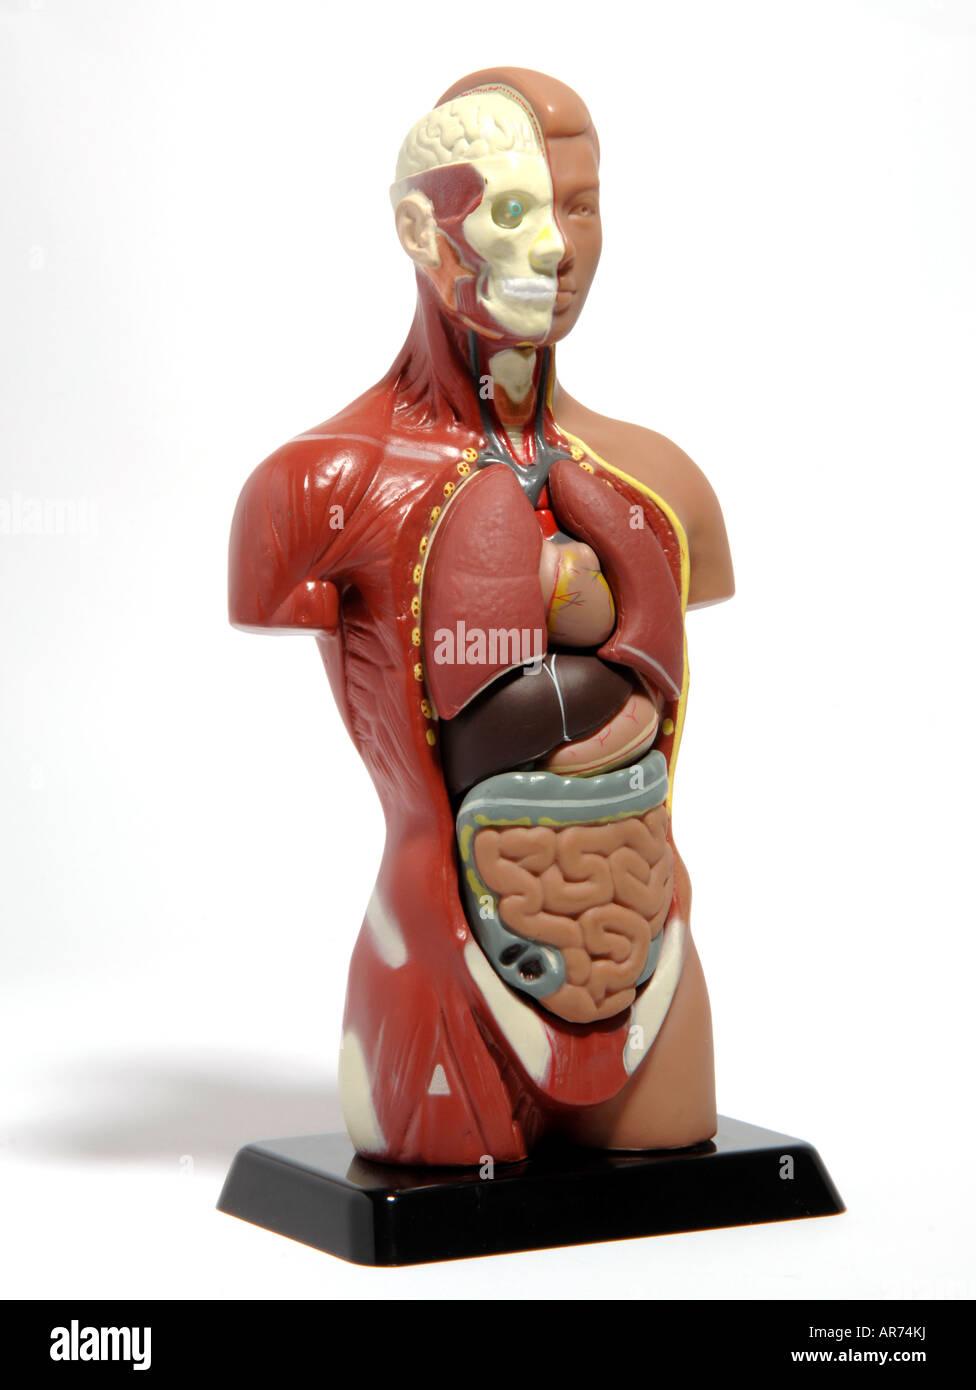 Anatomy Doll Stock Photo 15960677 Alamy